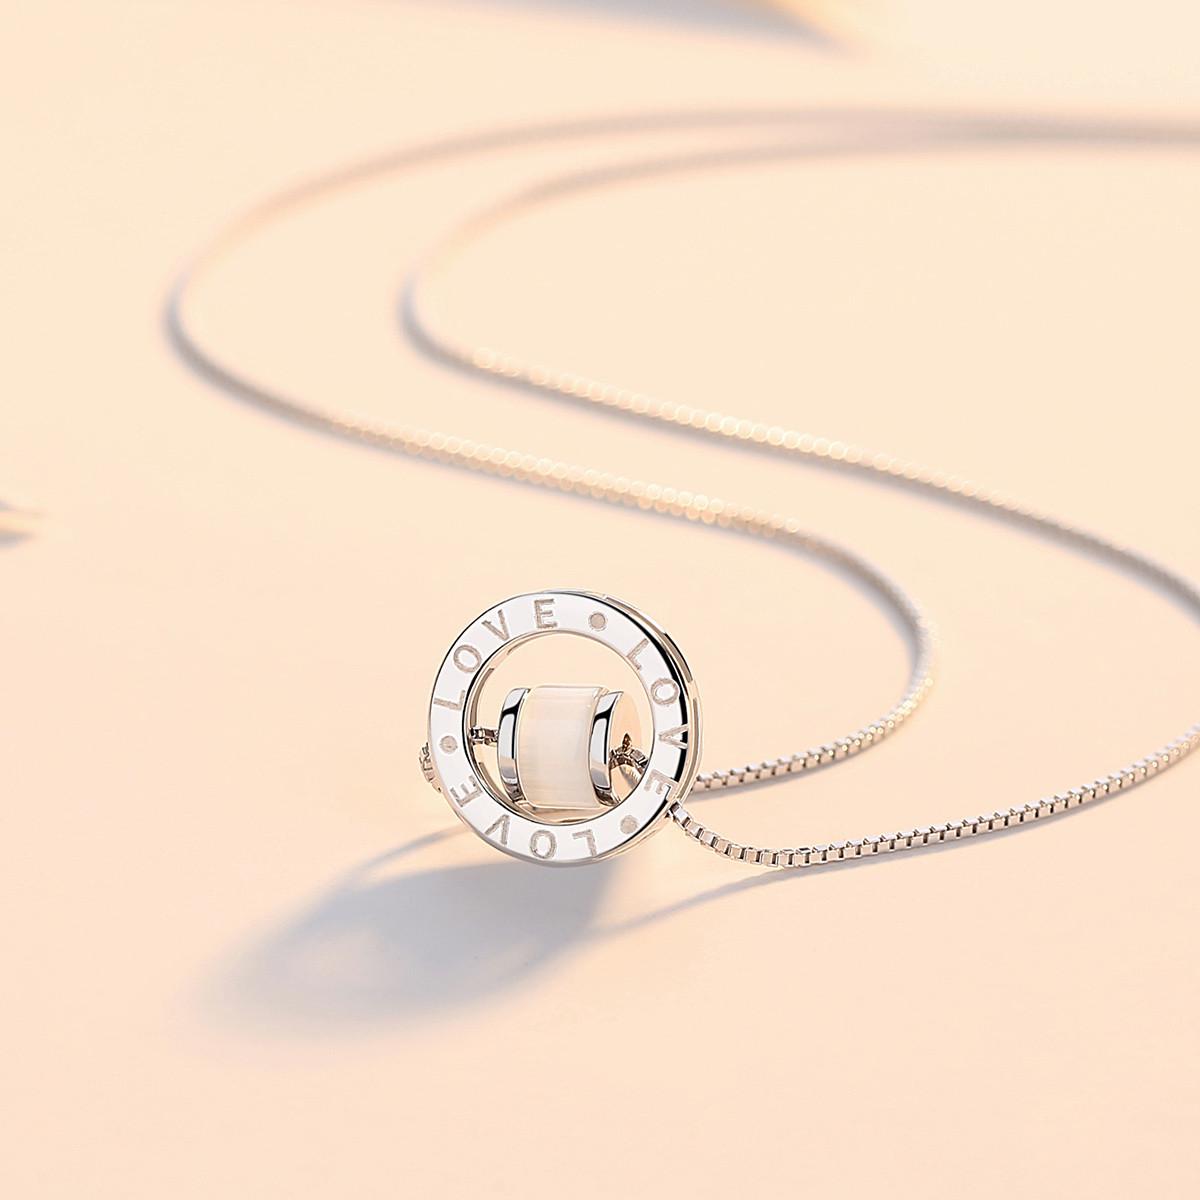 7度纯银项链时尚玉髓配饰吊坠925银饰品女士锁骨链颈链